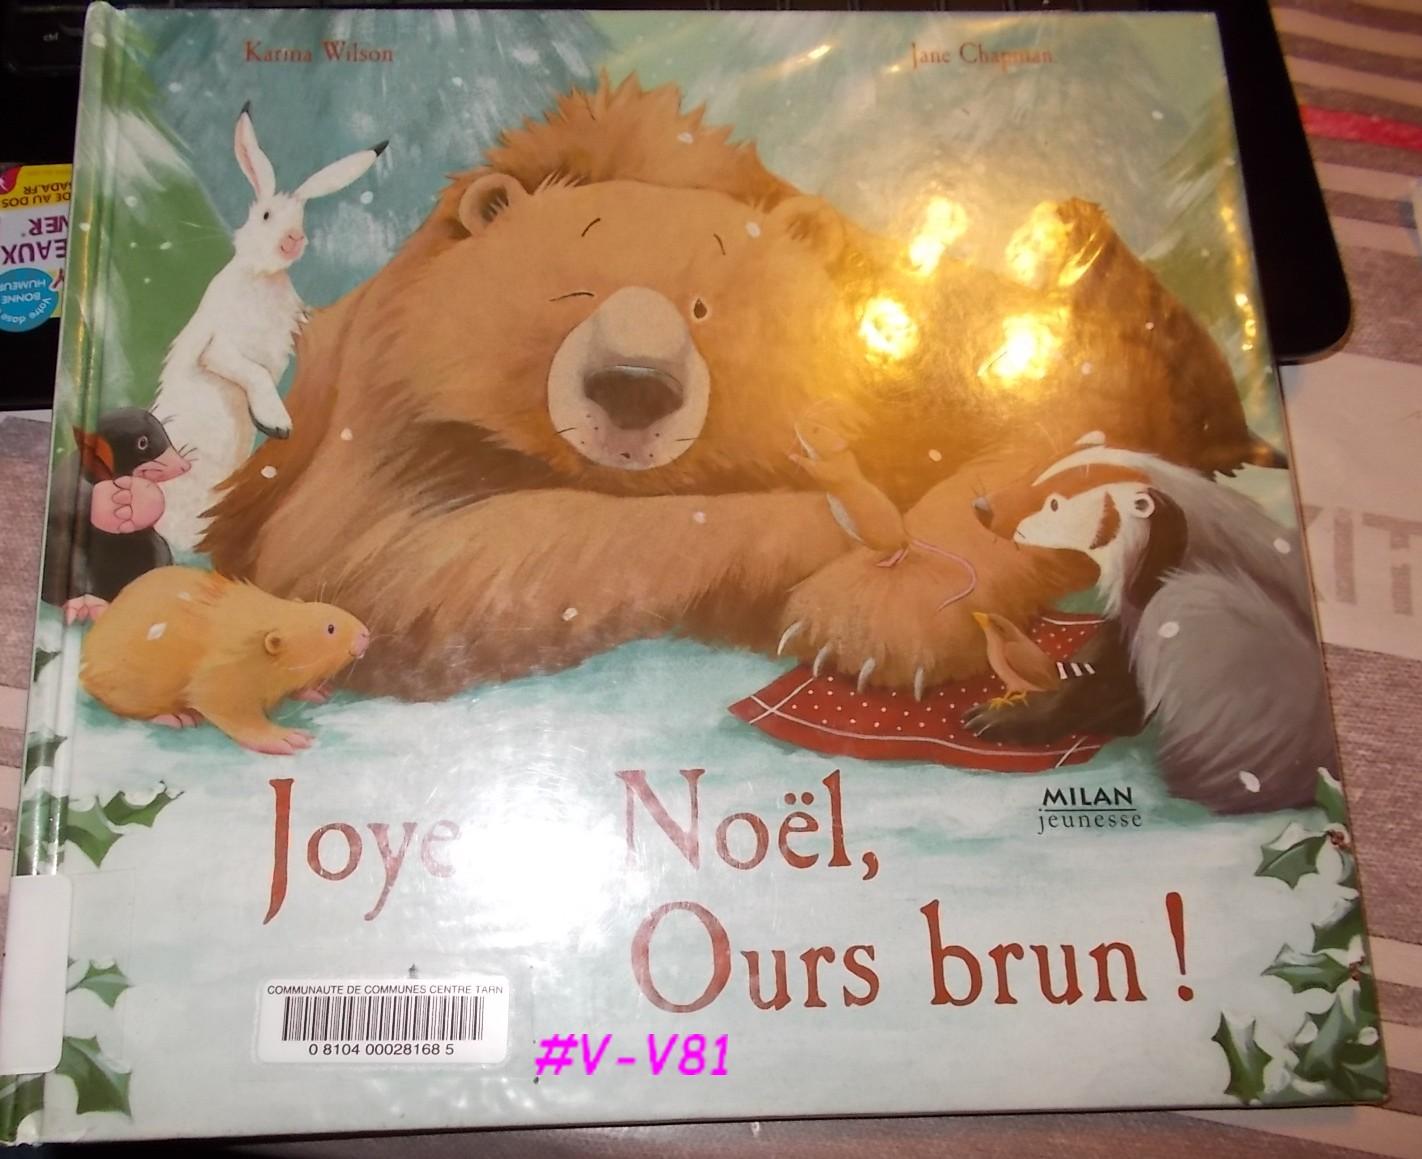 Joyeux Noel Petit Ours Brun.Books To Share Plaisir De Lire Joyeux Noel Ours Brun